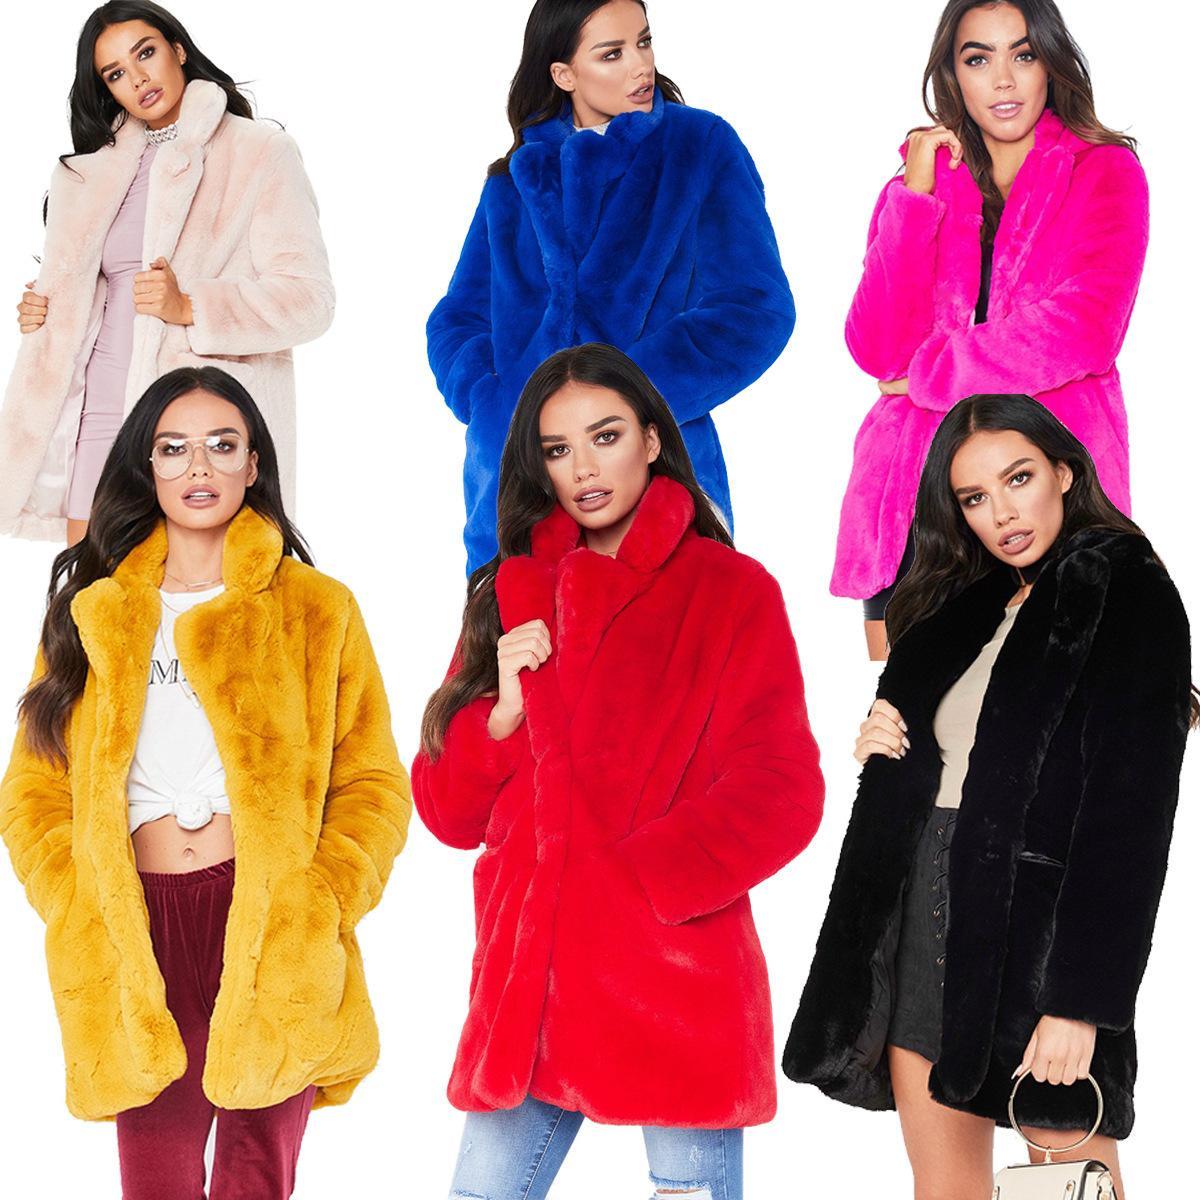 2020 Kış Yeni Avrupa Tarzı Faux Kürk kadın Giyim Artı Boyutu S-XXXXL Rex Tavşan Kürk Palto Sıcak Gevşek Trendy Kadın Açık Palto